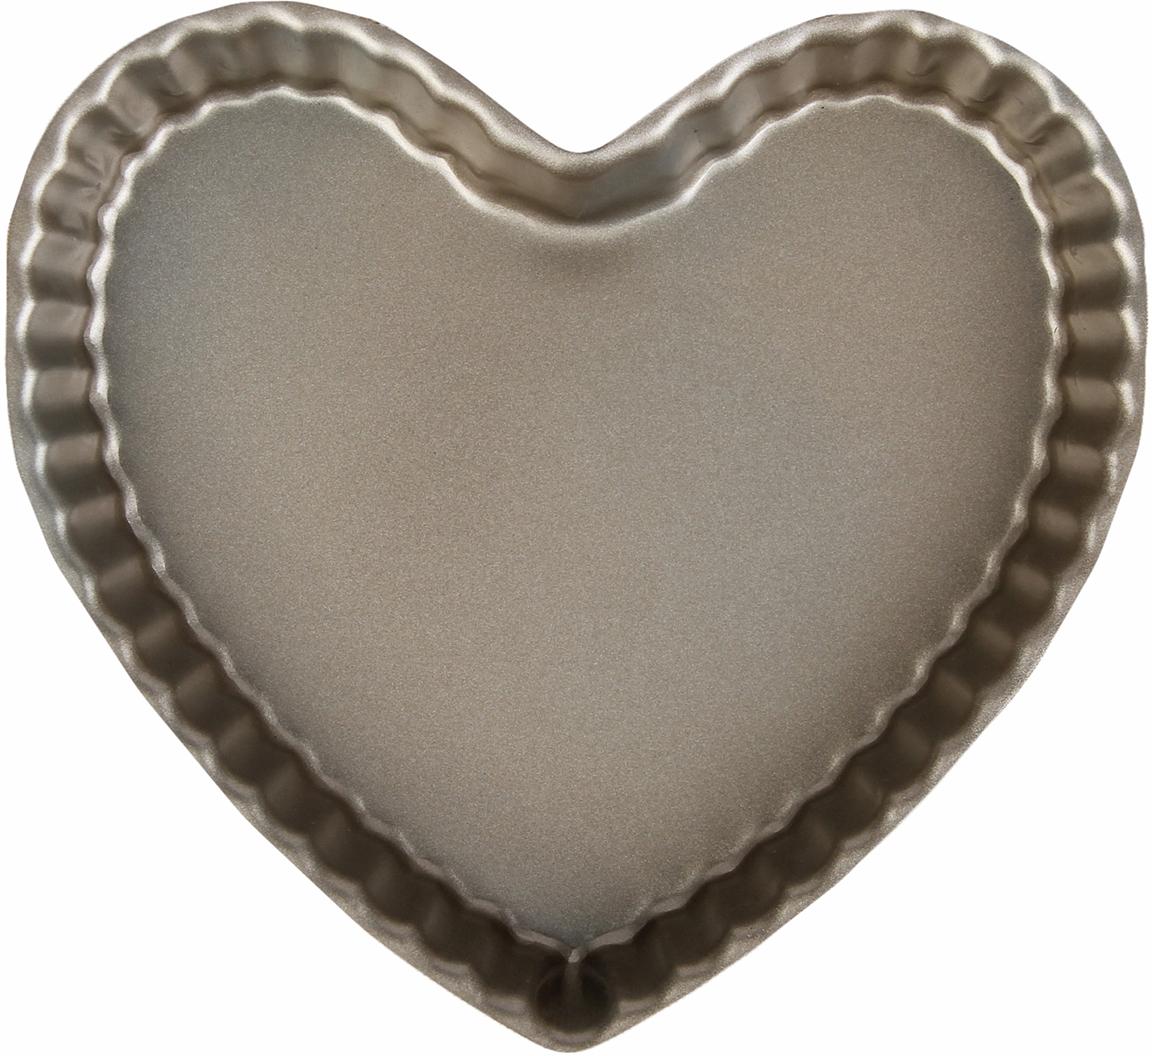 Форма с антипригарным покрытием пригодится каждому повару, который привык готовить быстро  и вкусно. Достоинства предмета Материал - углеродистая сталь - отличается особой прочностью и сохраняет все  эксплуатационные свойства при температуре до +450 °С. Эффективное теплораспределение ускоряет процесс готовки. Антипригарное покрытие оберегает блюда от пригорания и сокращает расход масла. Поверхность не впитывает запахов и не вступает в реакции с продуктами питания. Форма легко отмывается. При аккуратном использовании изделие прослужит долгие годы. Рекомендуется избегать  применения металлических предметов, губок и высокоабразивных моющих средств. Перед  первым использованием тщательно промойте форму.